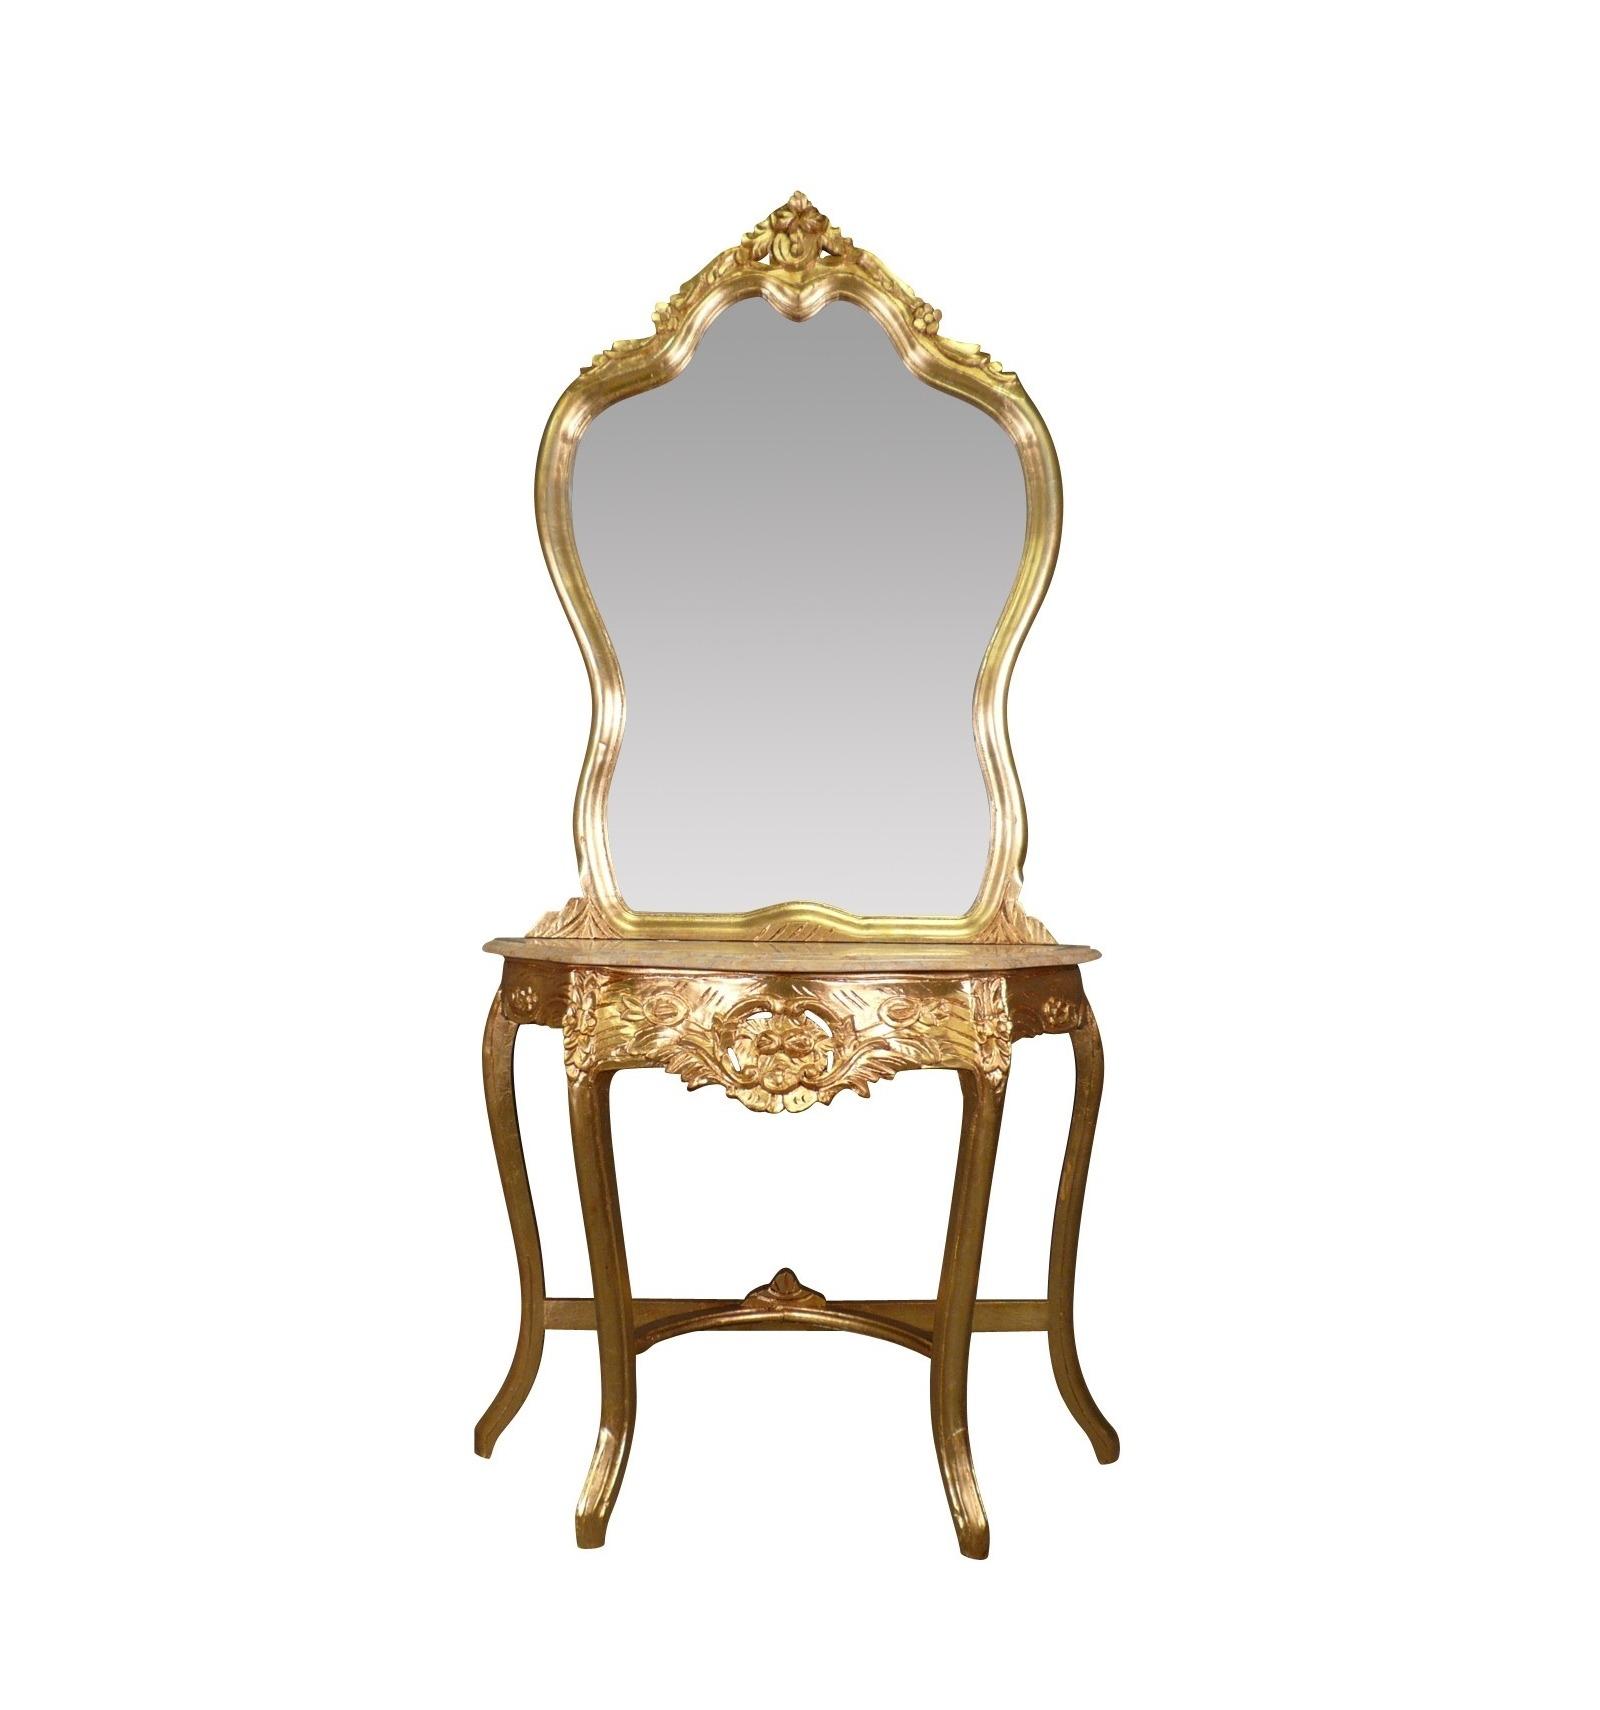 Espejo Marco De La Barroco Hoja Oro En Madera Da 50 Cm Arte Y Antigüedades Espejos